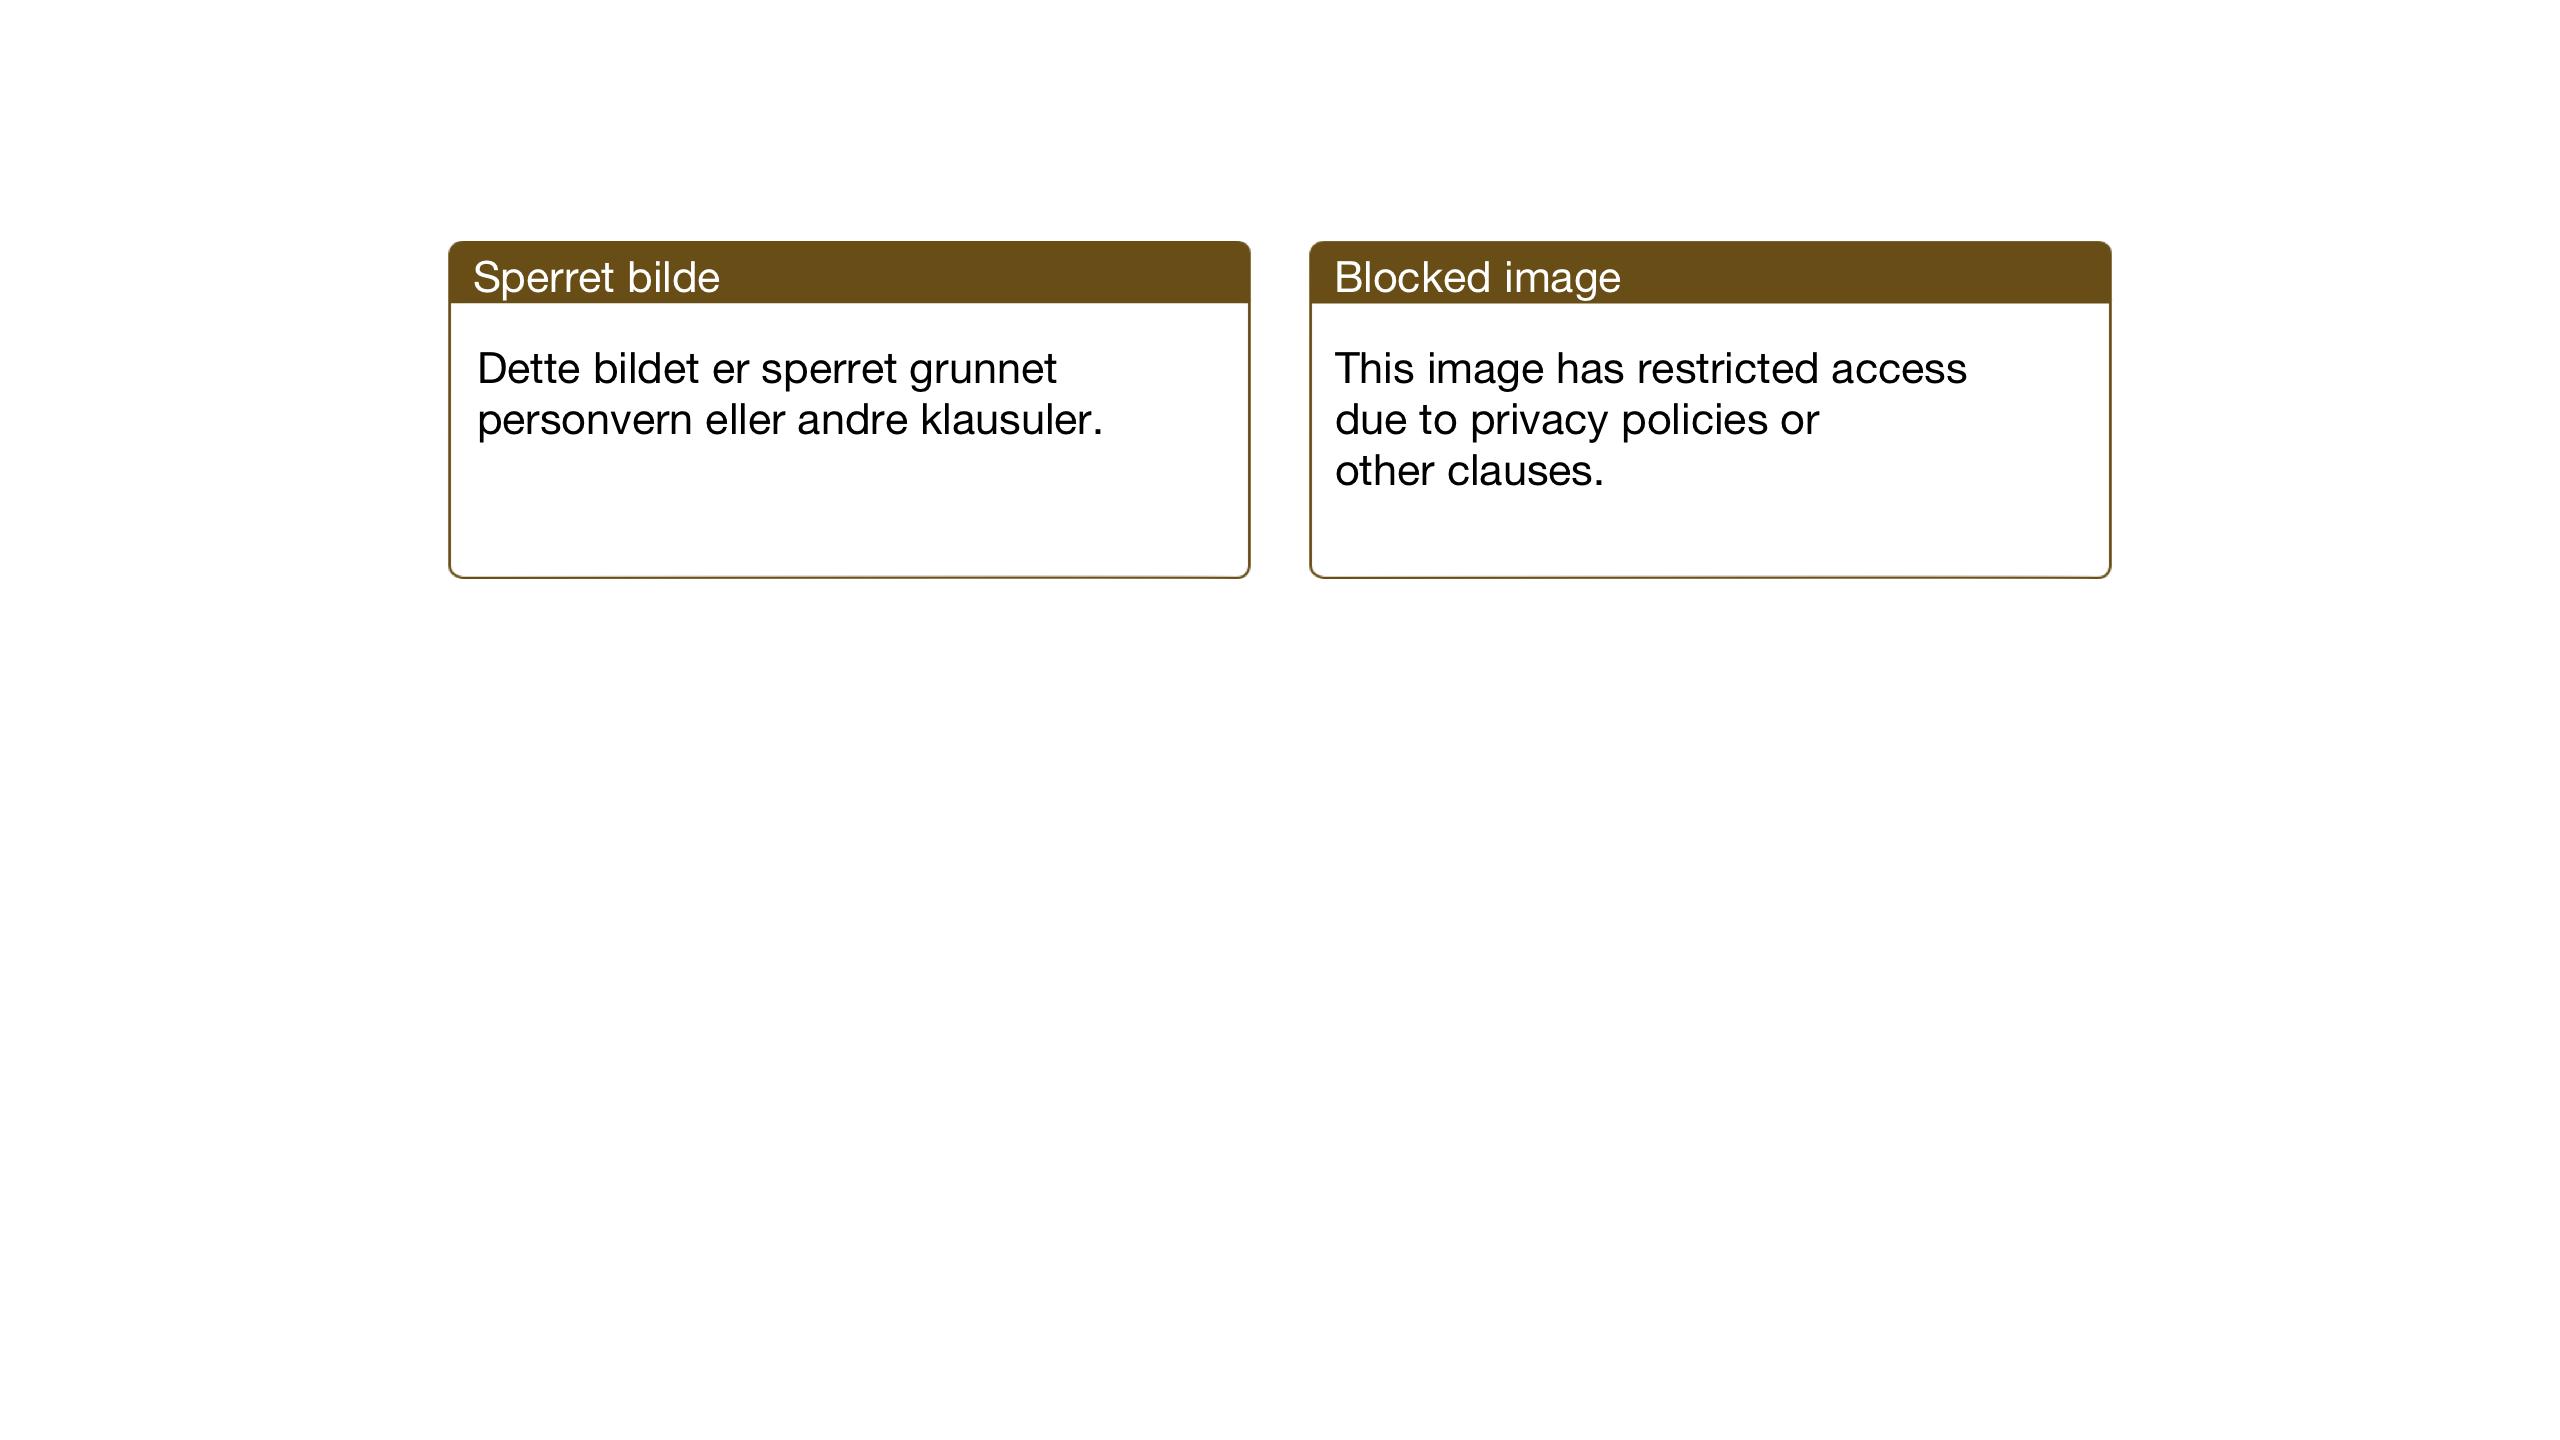 SAT, Ministerialprotokoller, klokkerbøker og fødselsregistre - Sør-Trøndelag, 635/L0554: Klokkerbok nr. 635C02, 1919-1942, s. 55